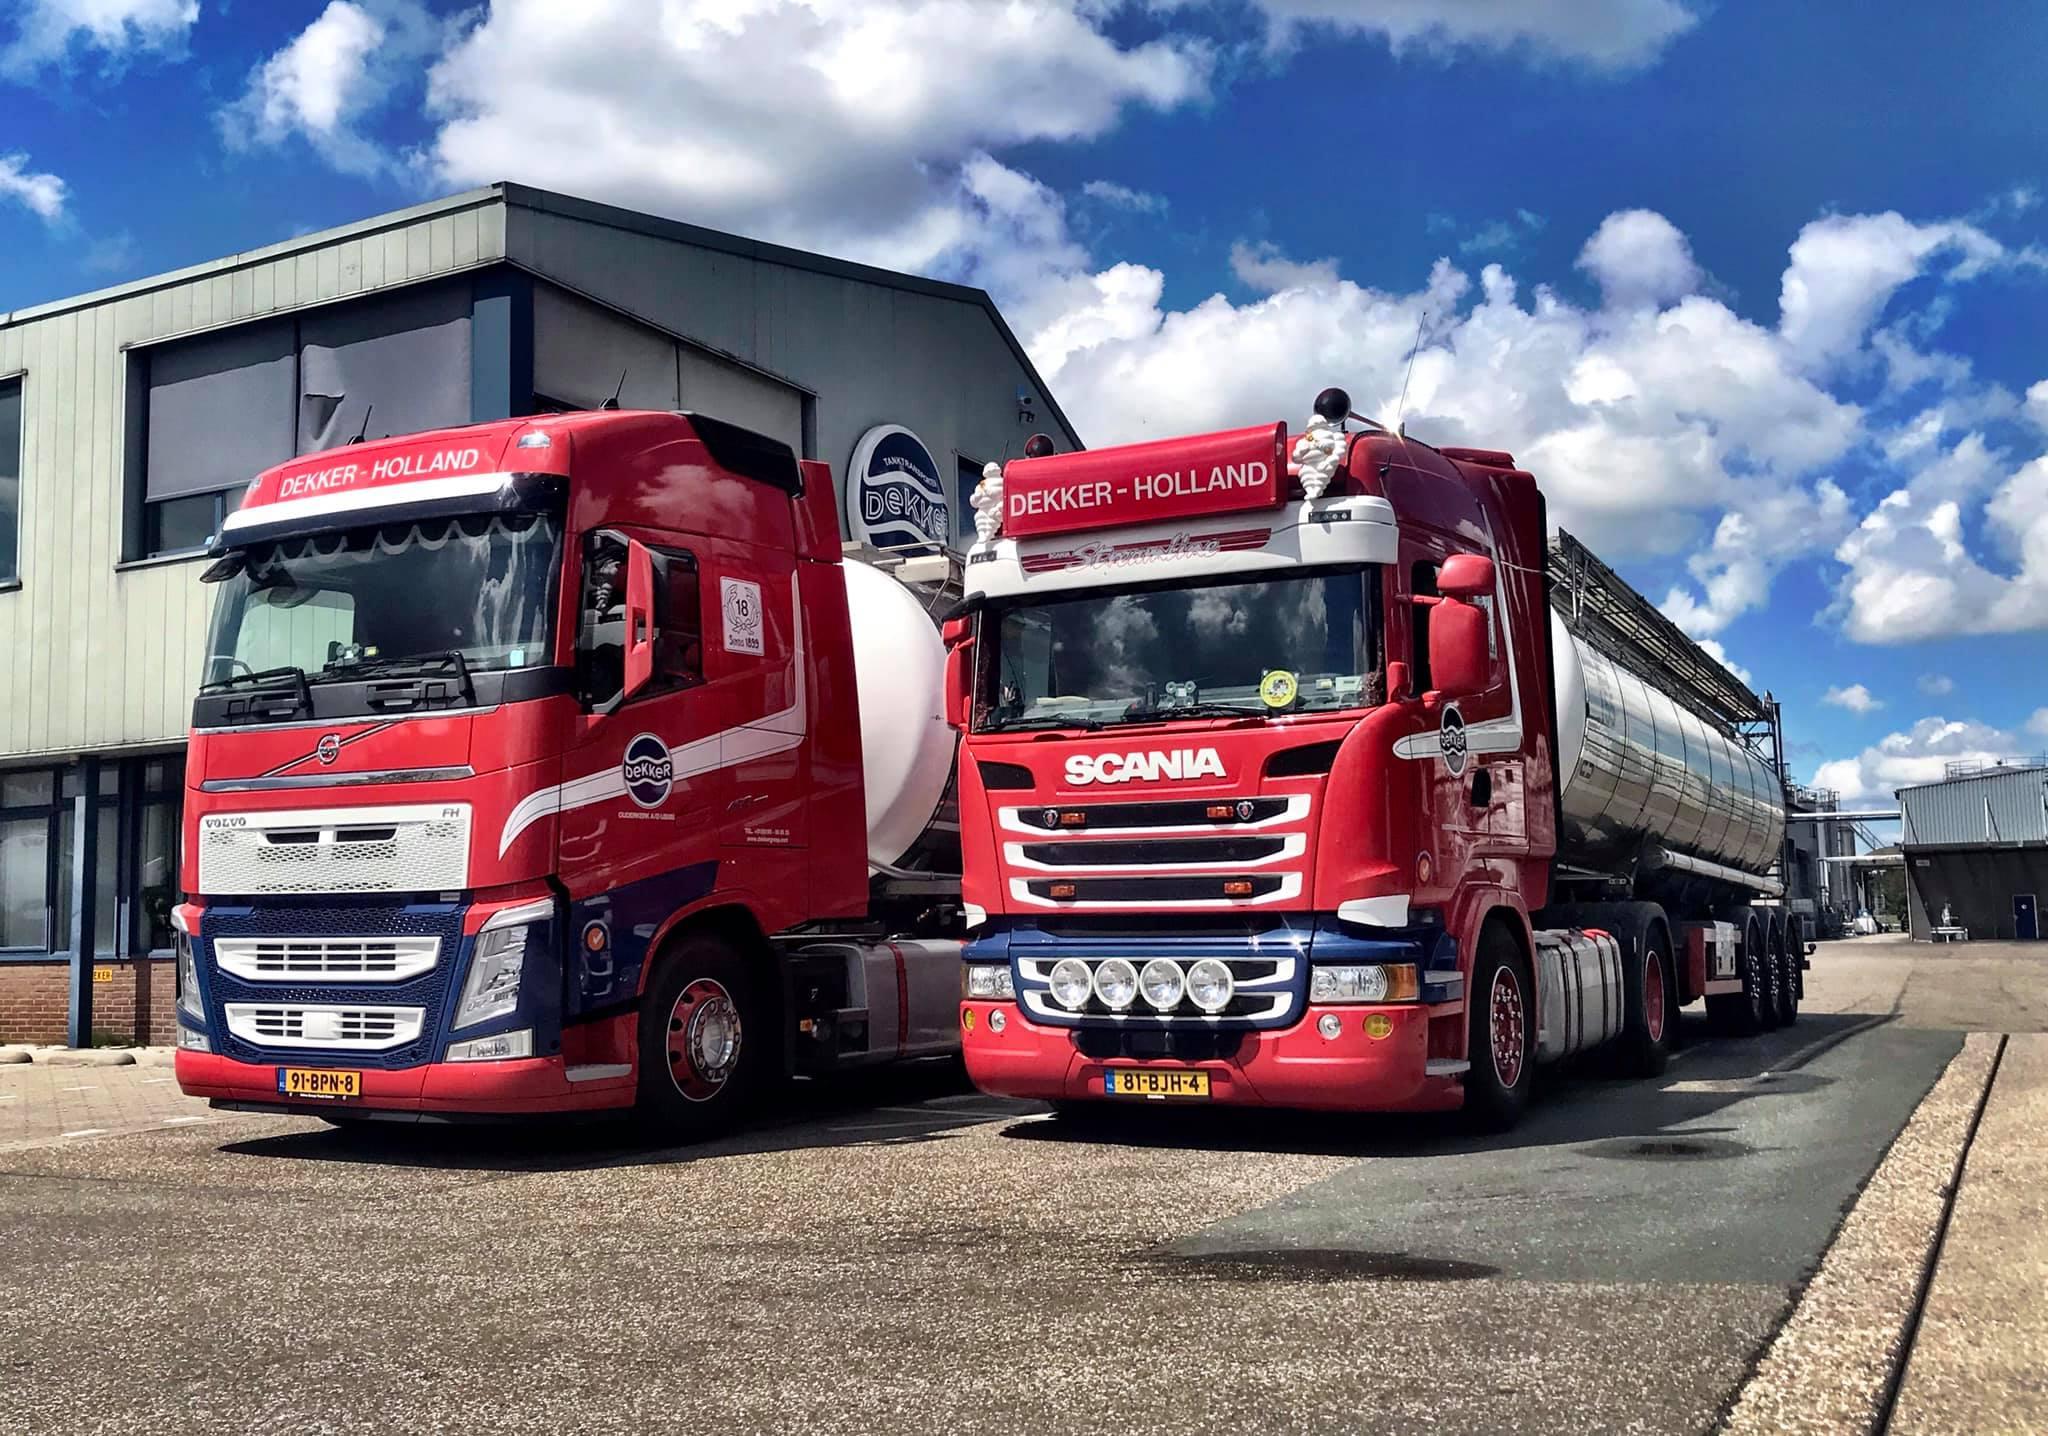 Volvo-Scania-klaar-voor-volgende-week-Polssie-Krimpuh-11-7-2020-